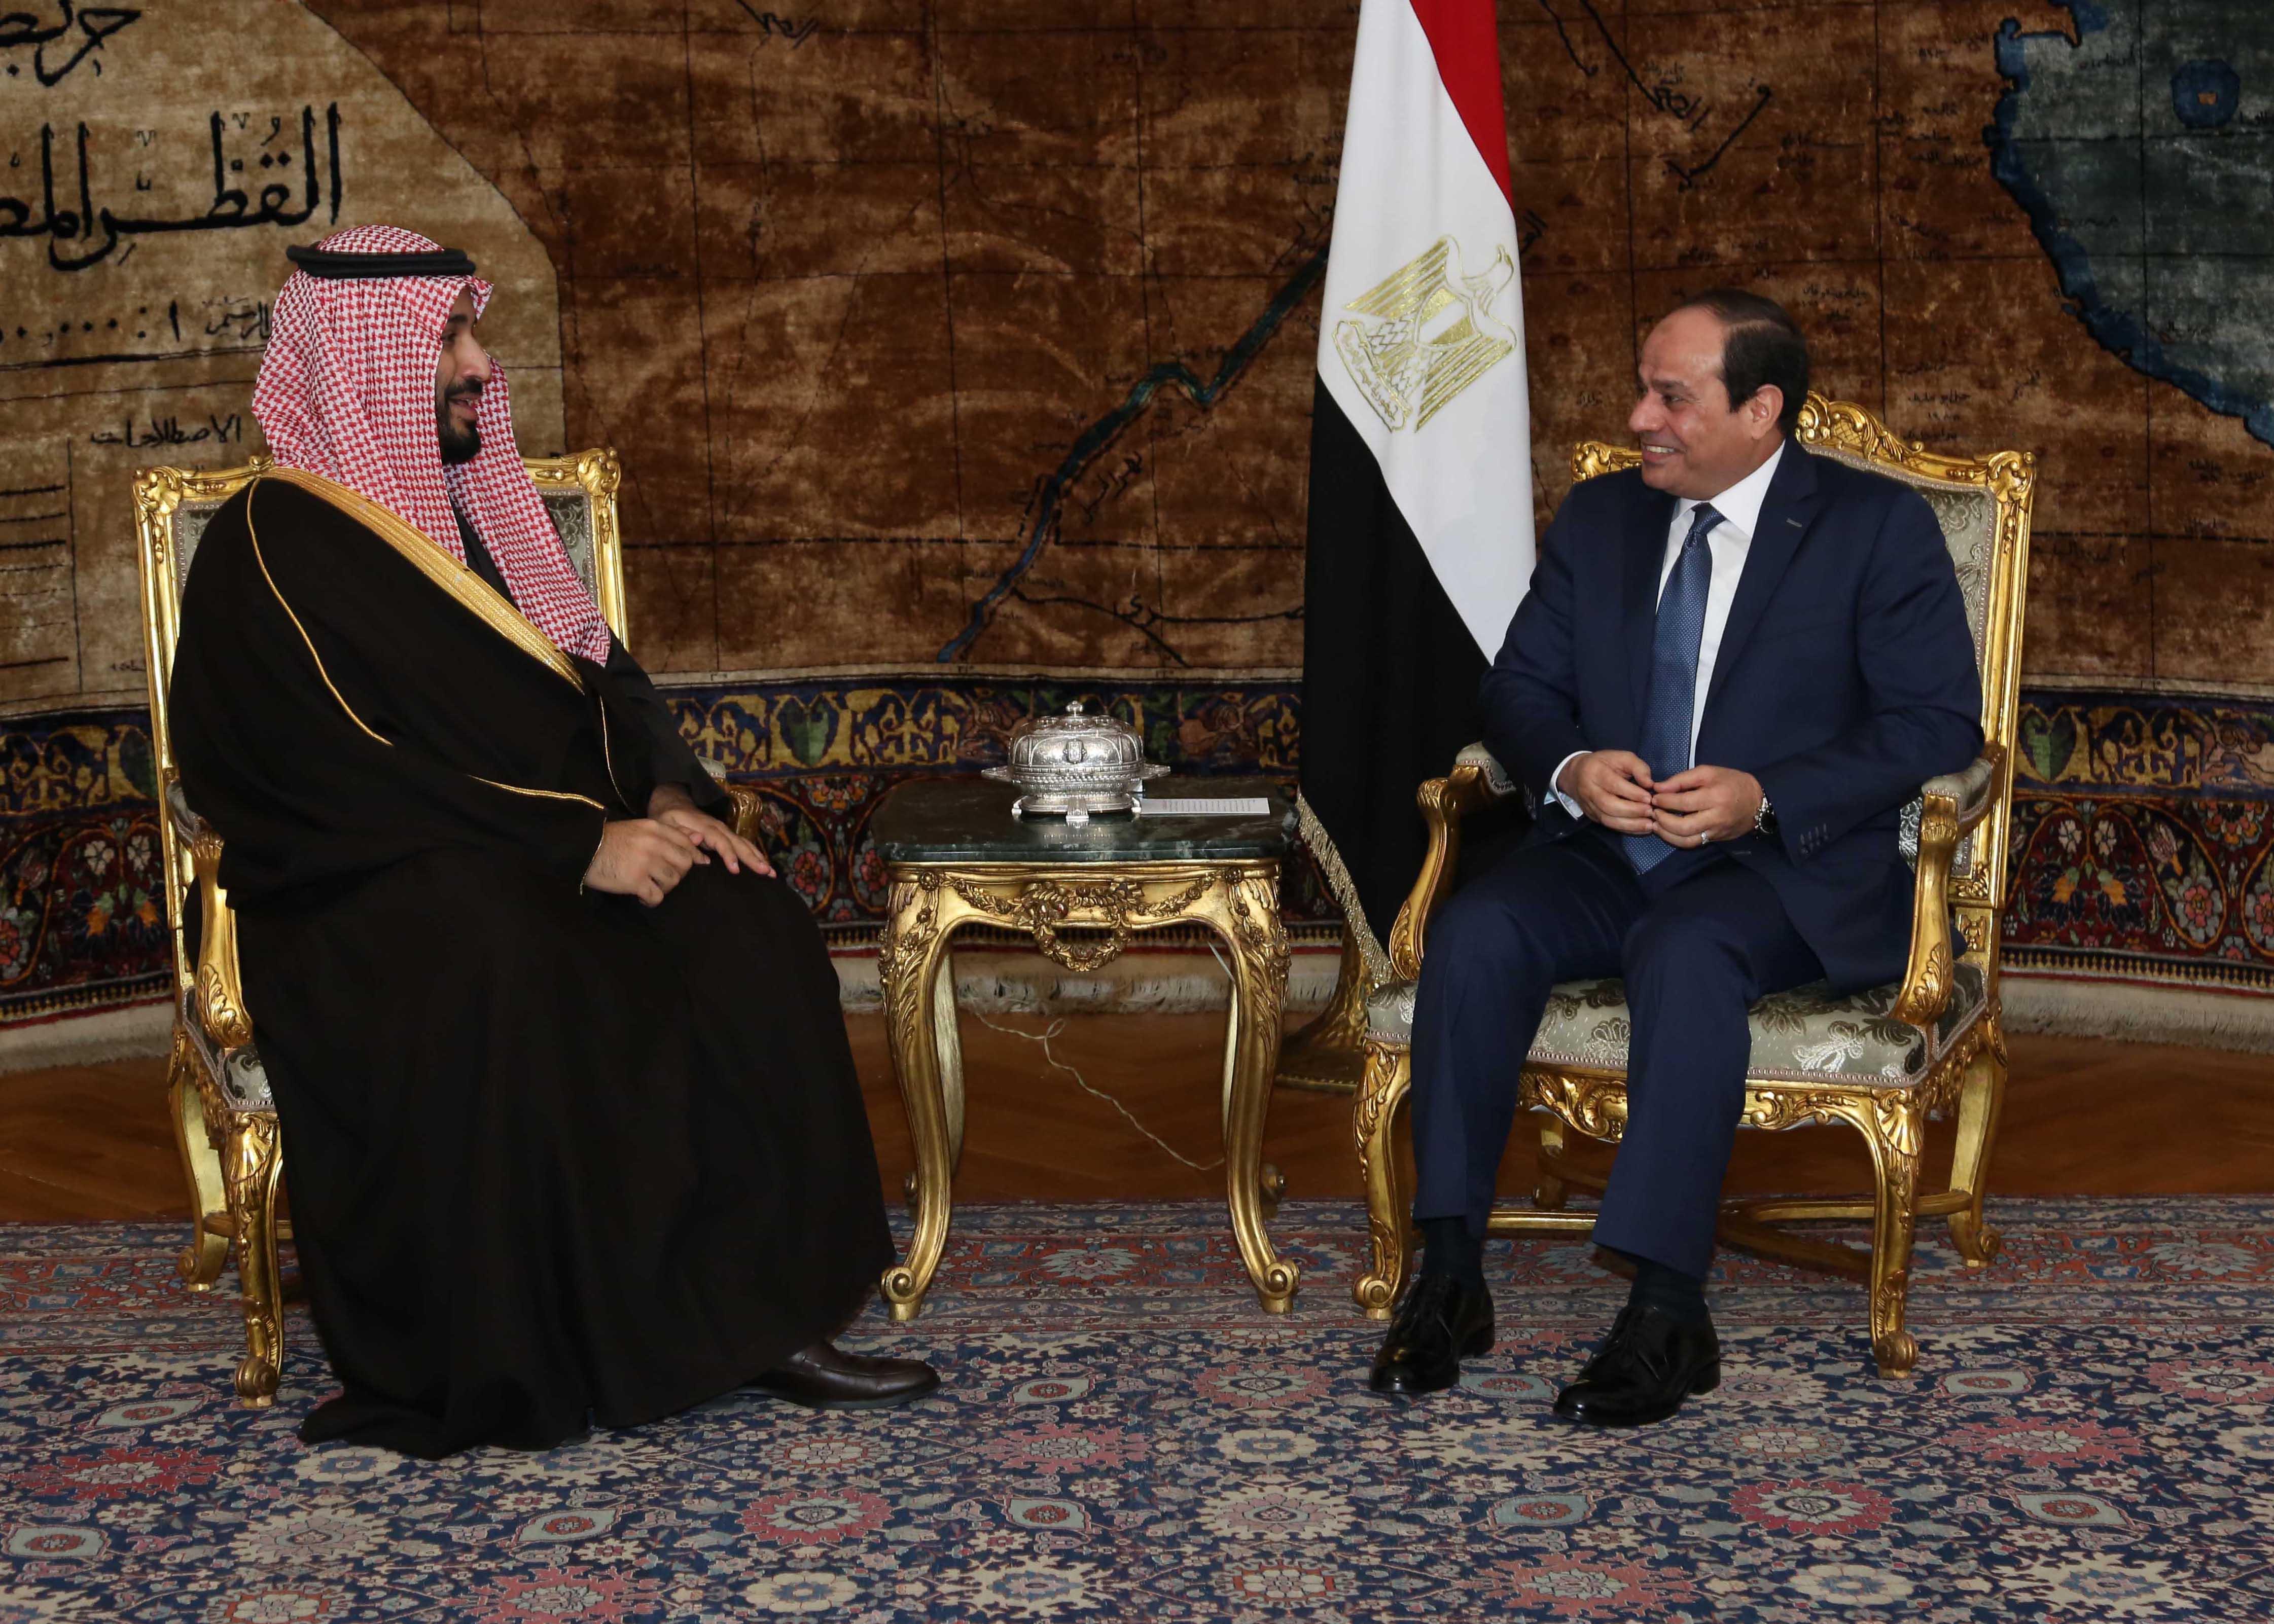 Saudi Arabia to offer Egypt $3 billion in loans, grants - Bloomberg